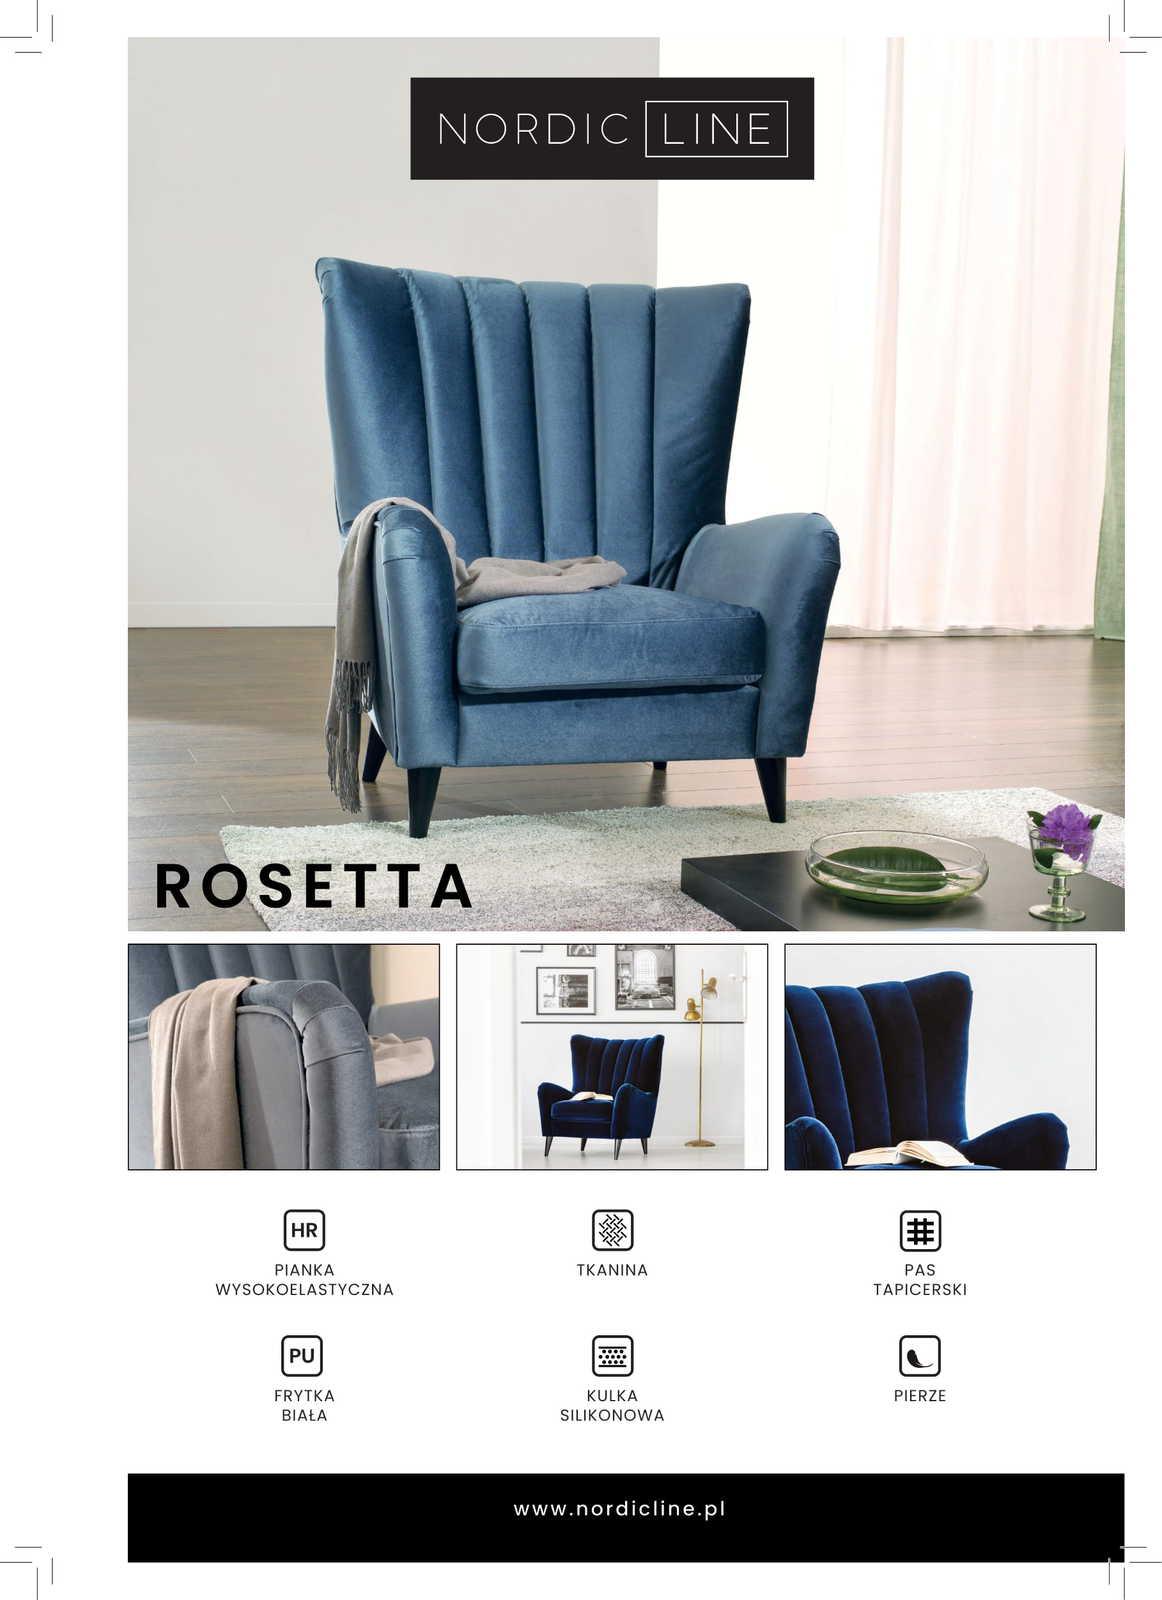 Rosetta(krzywe) (2) 1